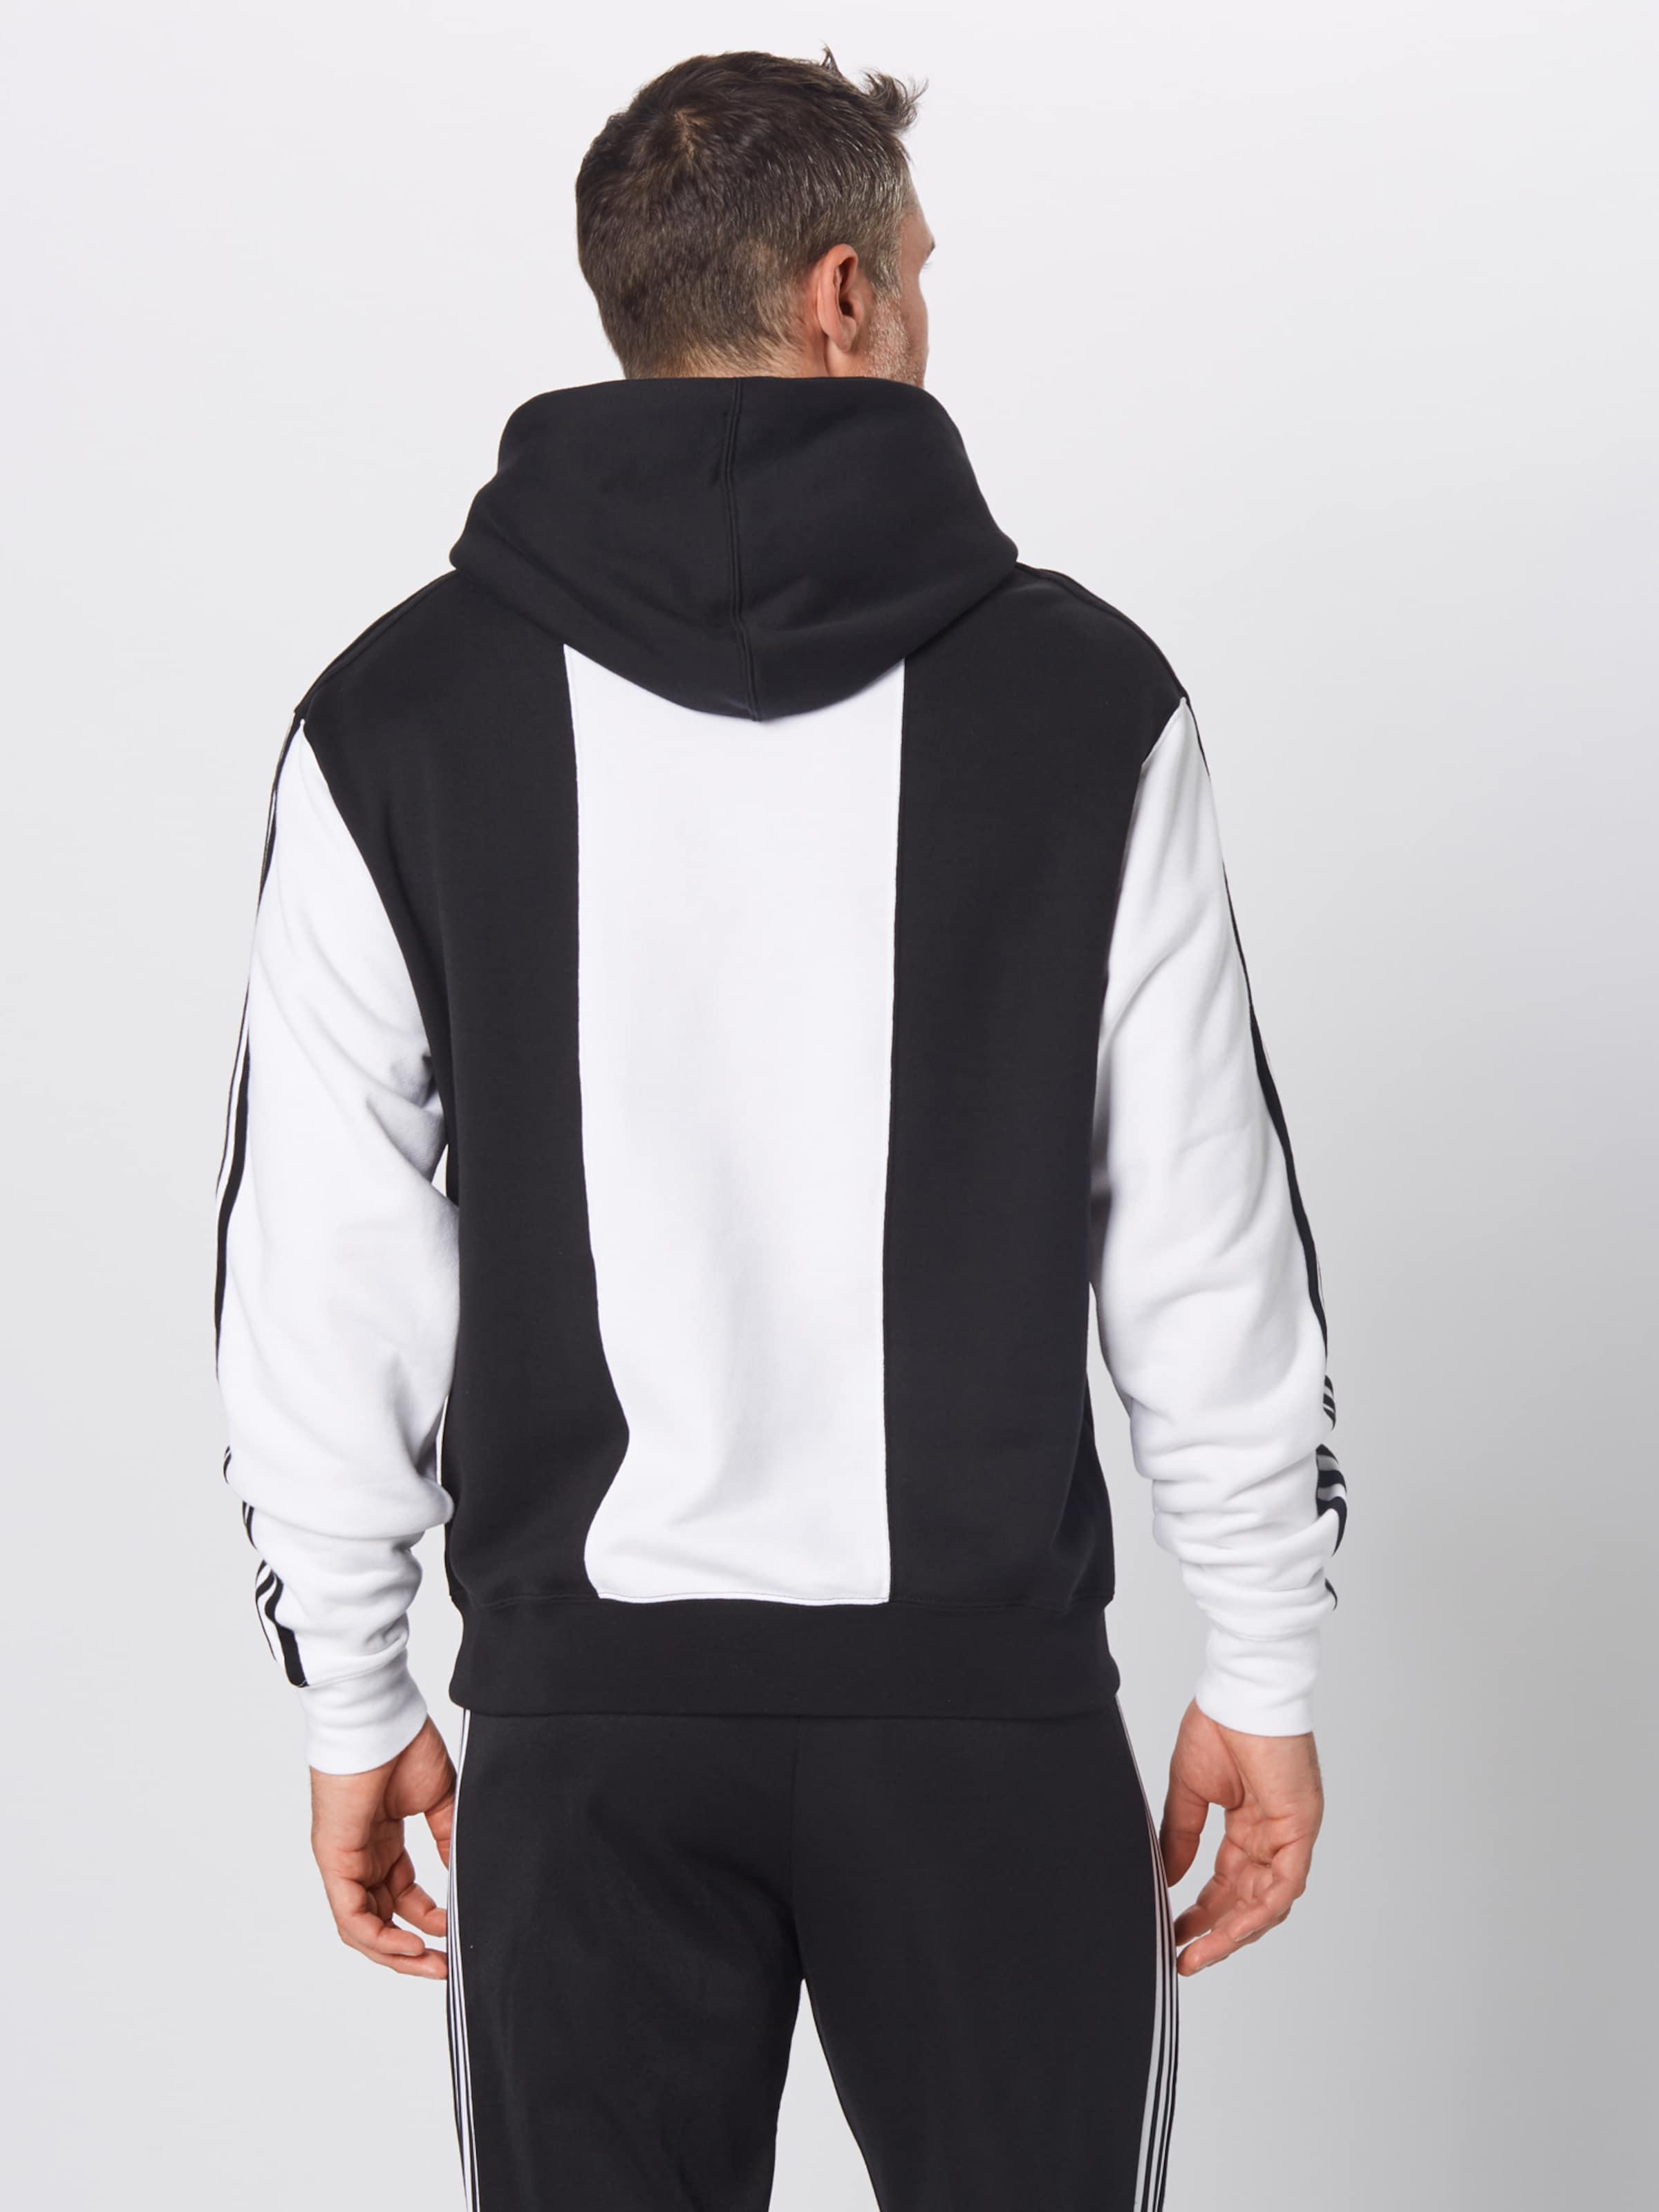 Hoodie SchwarzWeiß Court Trefoil' Adidas Originals 'off In 5R4j3ALq